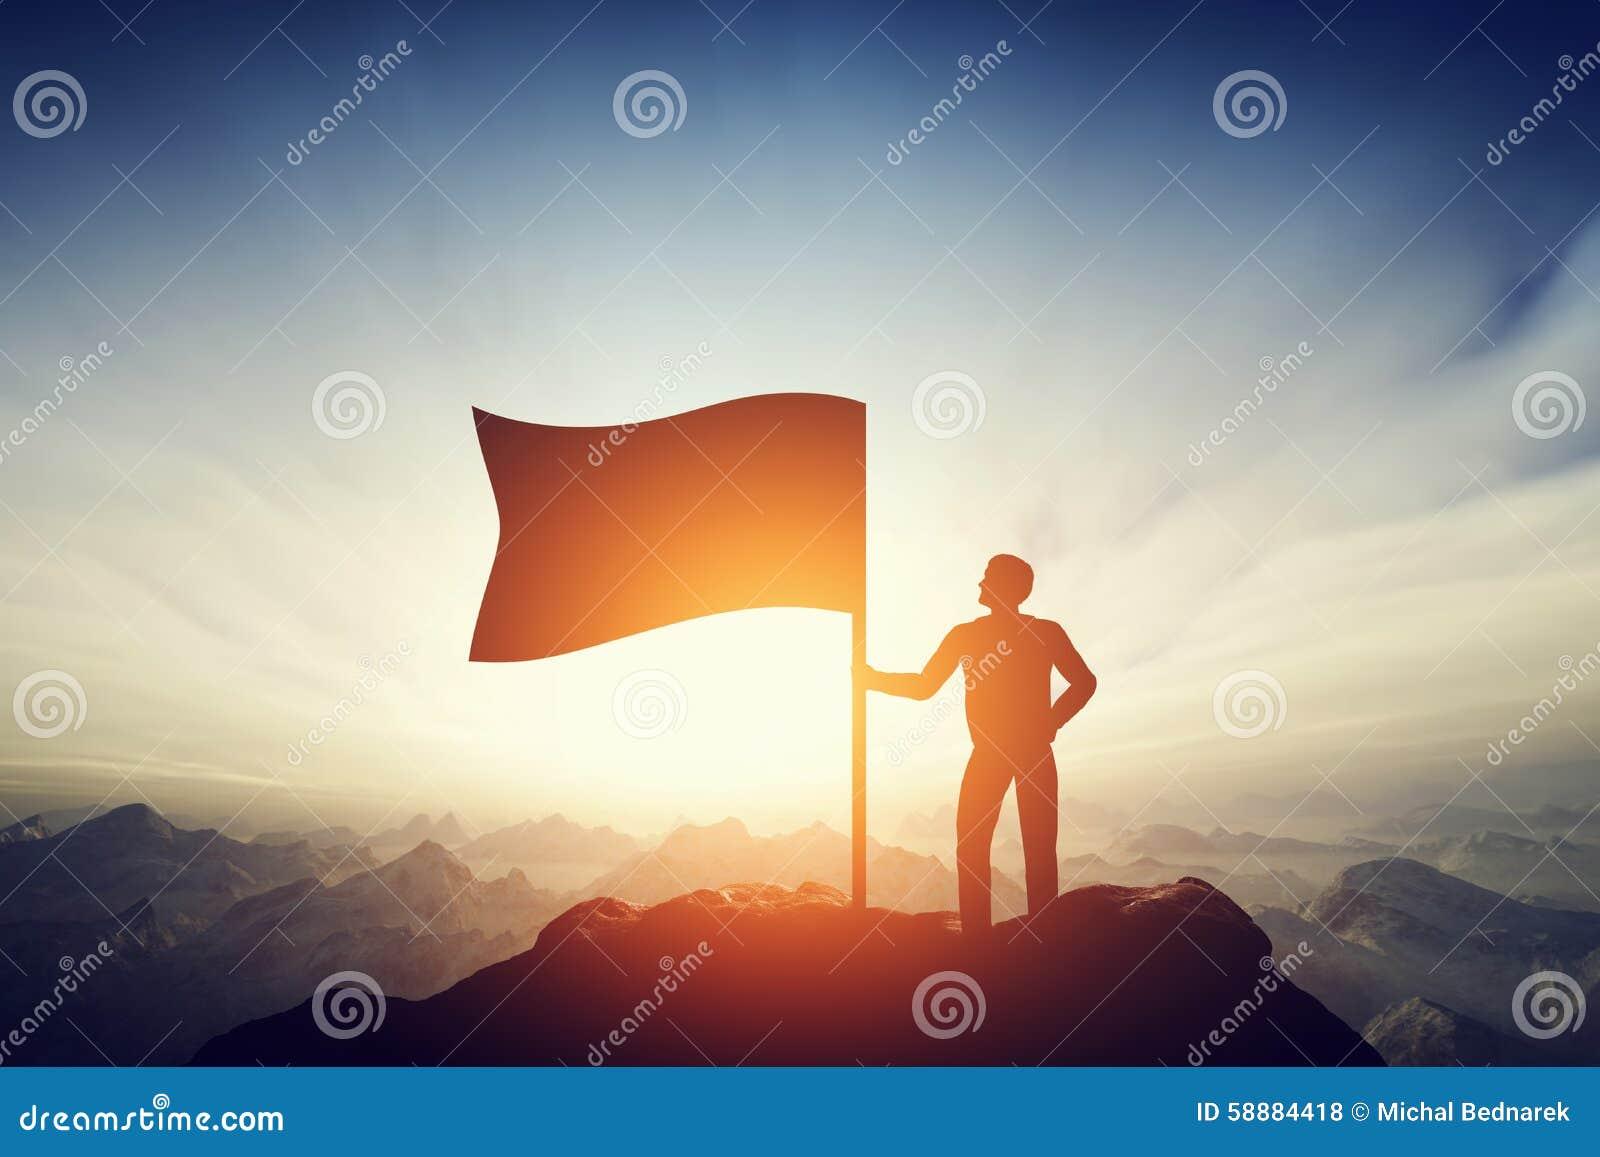 Trotse mens die een vlag op de piek van de berg opheffen Uitdaging, voltooiing